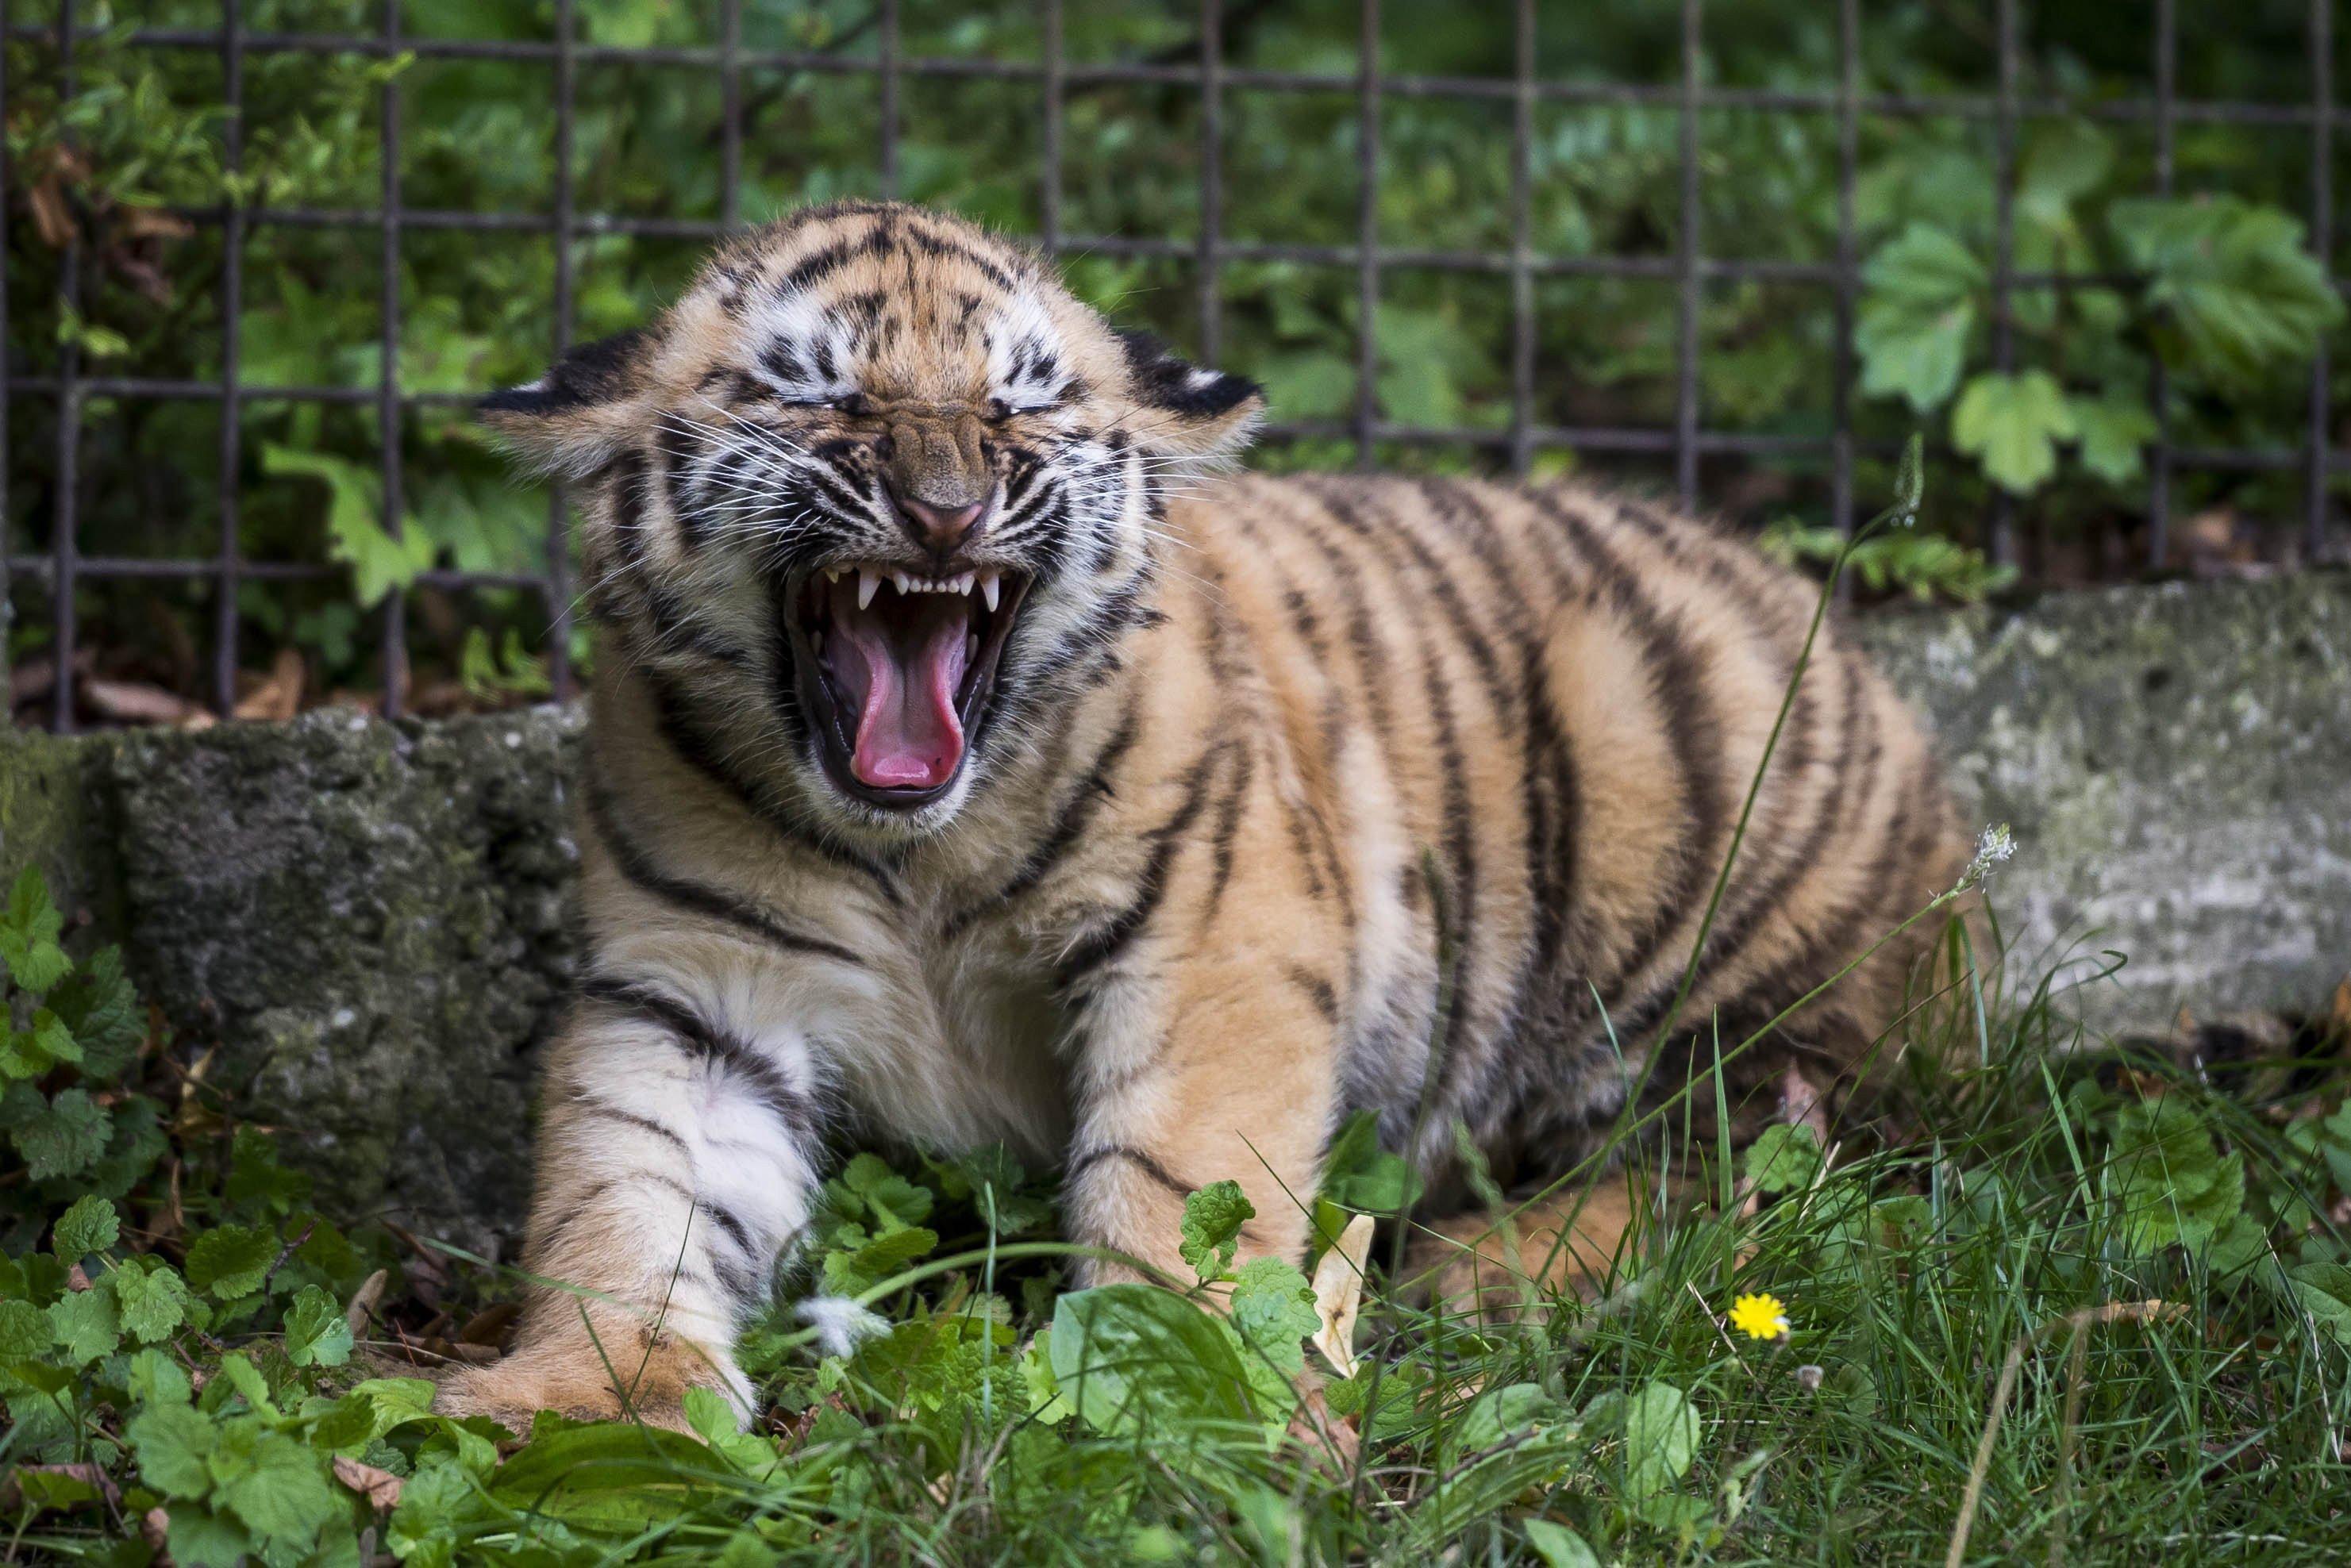 Veszprém, 2016. augusztus 3. Két hónapos szibériai tigris ismerkedik kifutójával a veszprémi állatkertben 2016. augusztus 3-án. MTI Fotó: Bodnár Boglárka